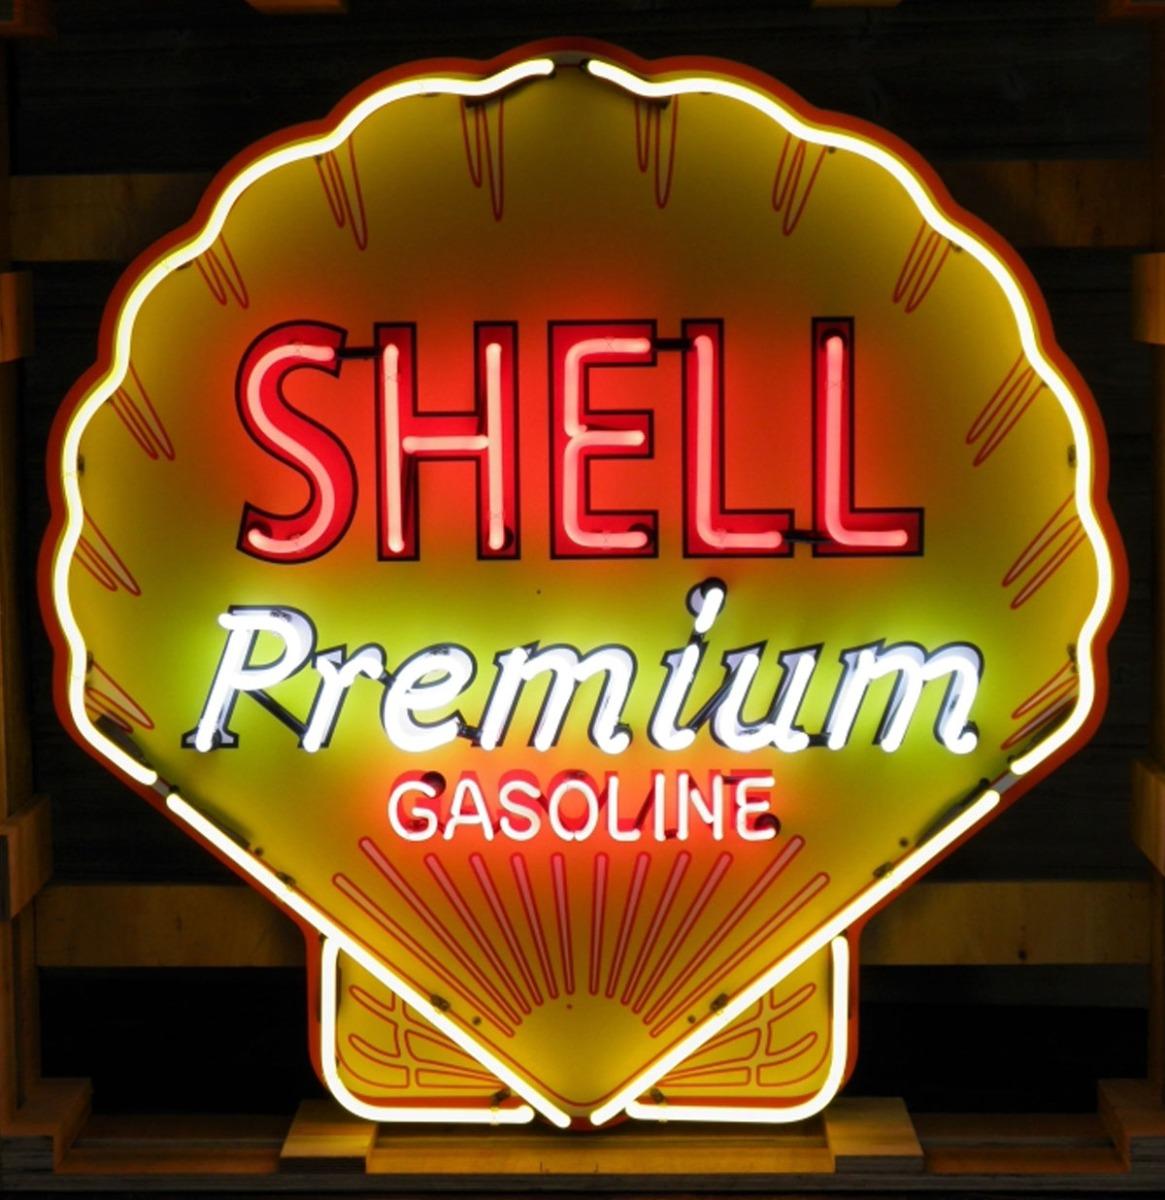 Shell Premium Gasoline Logo Neon Verlichting Met Achterplaat XL 100 x 100 cm